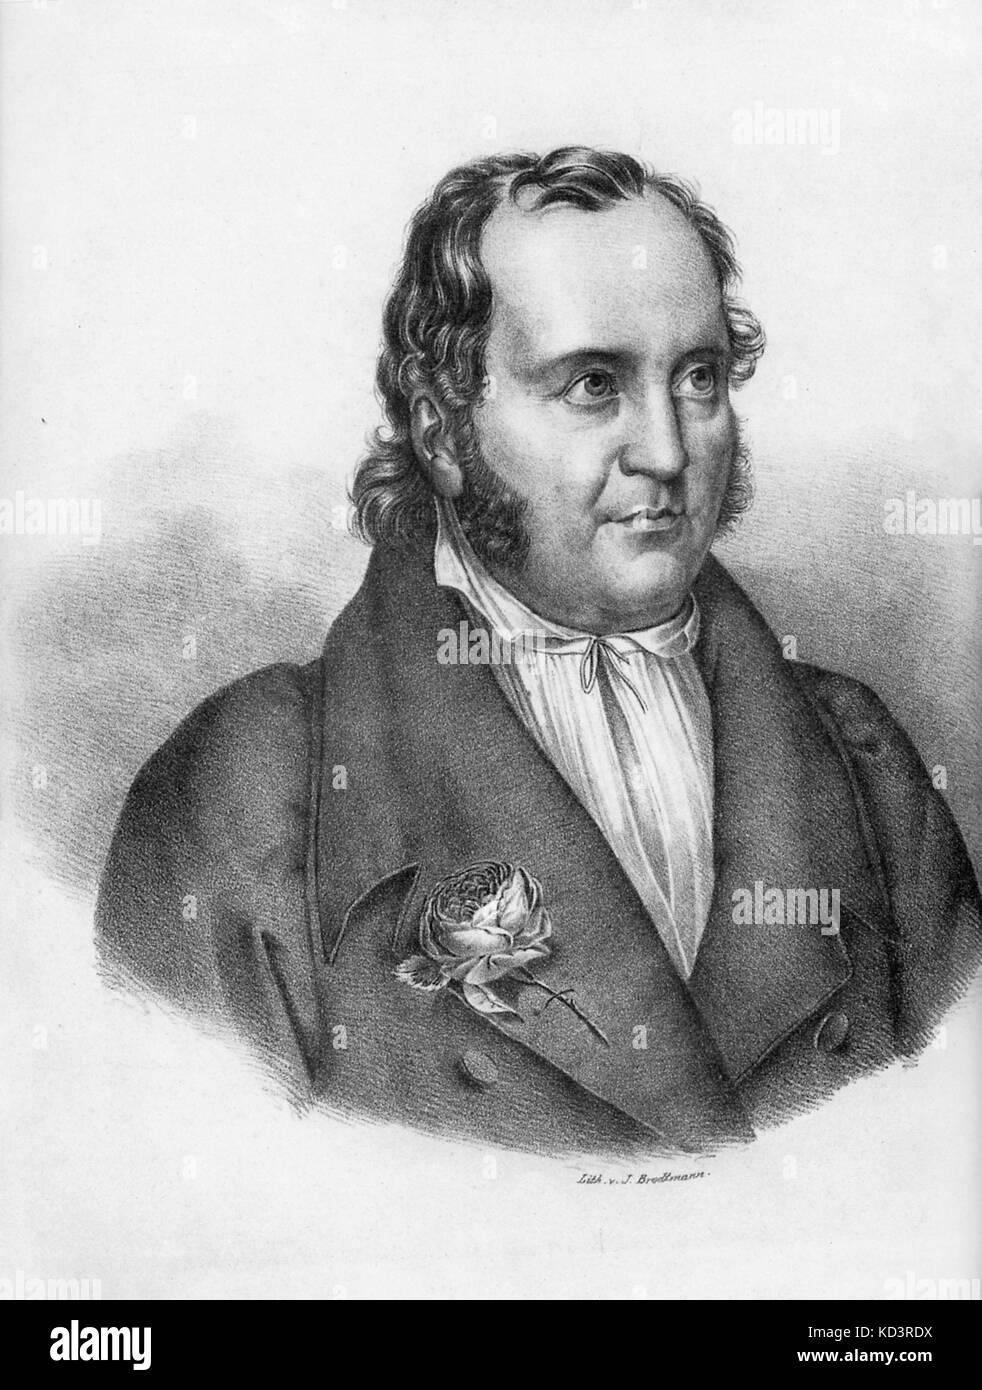 Johann Paul Friedrich Richter